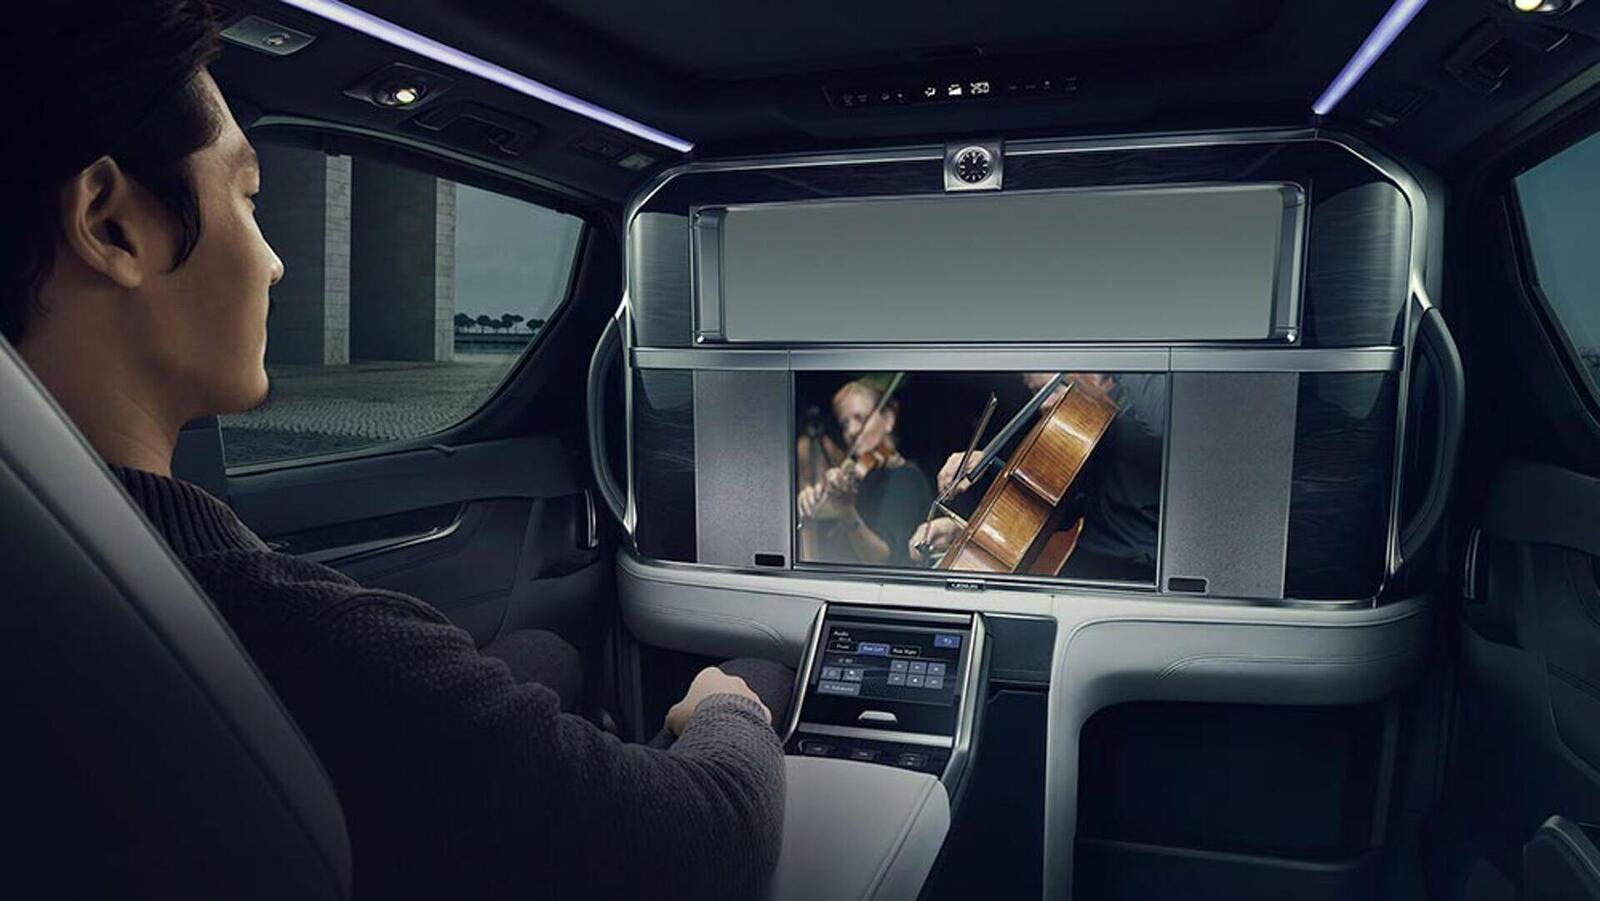 Lexus giới thiệu LM hoàn toàn mới: Chiếc minivan mang đẳng cấp khác biệt so với Toyota Alphard - Hình 7